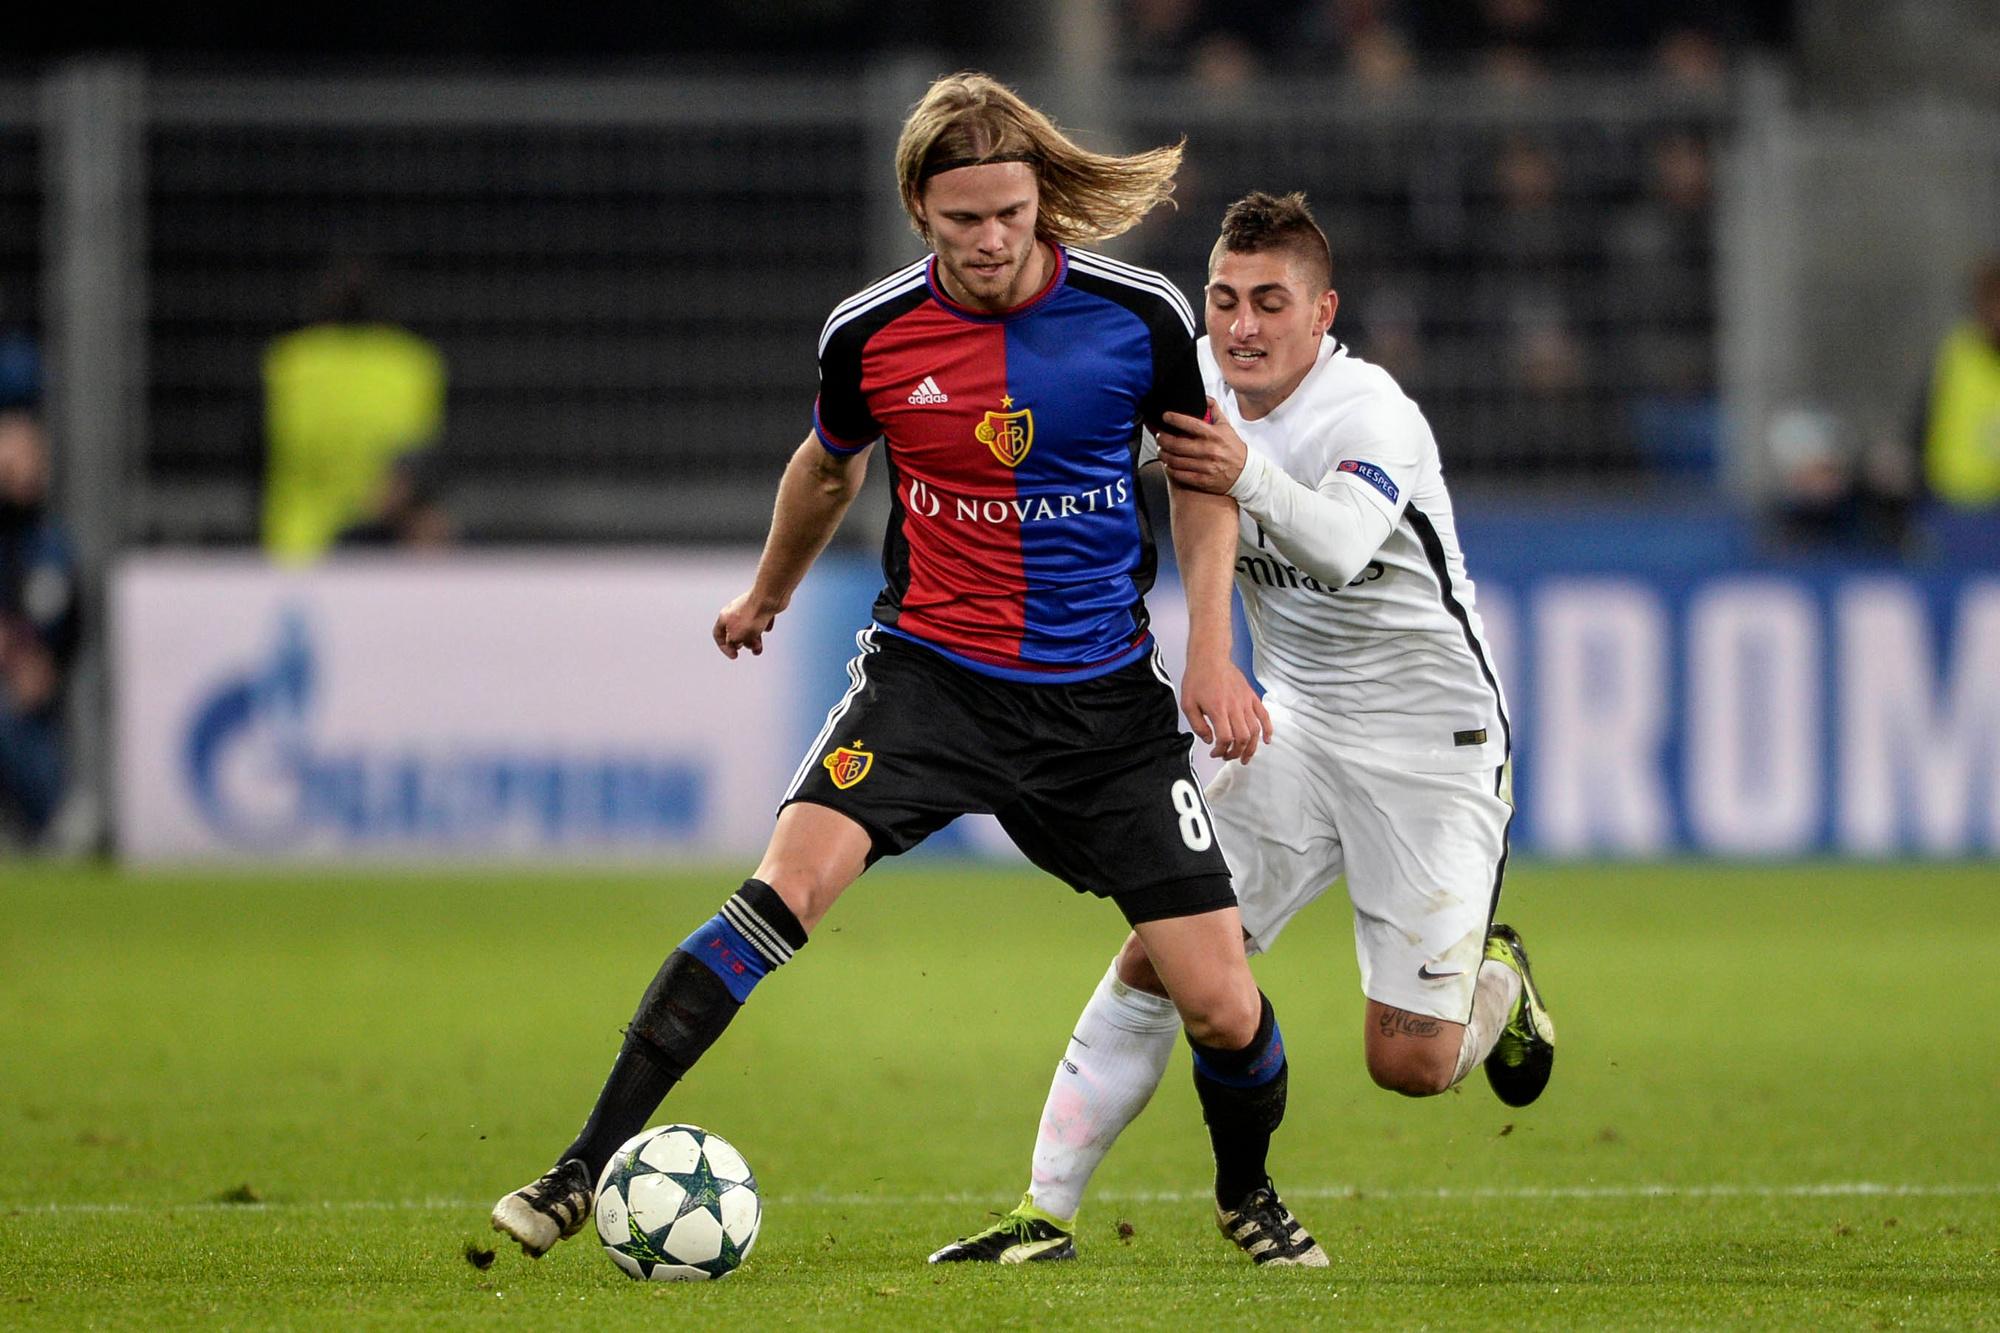 A Bâle, Bjarnason découvre la Champions League., belga